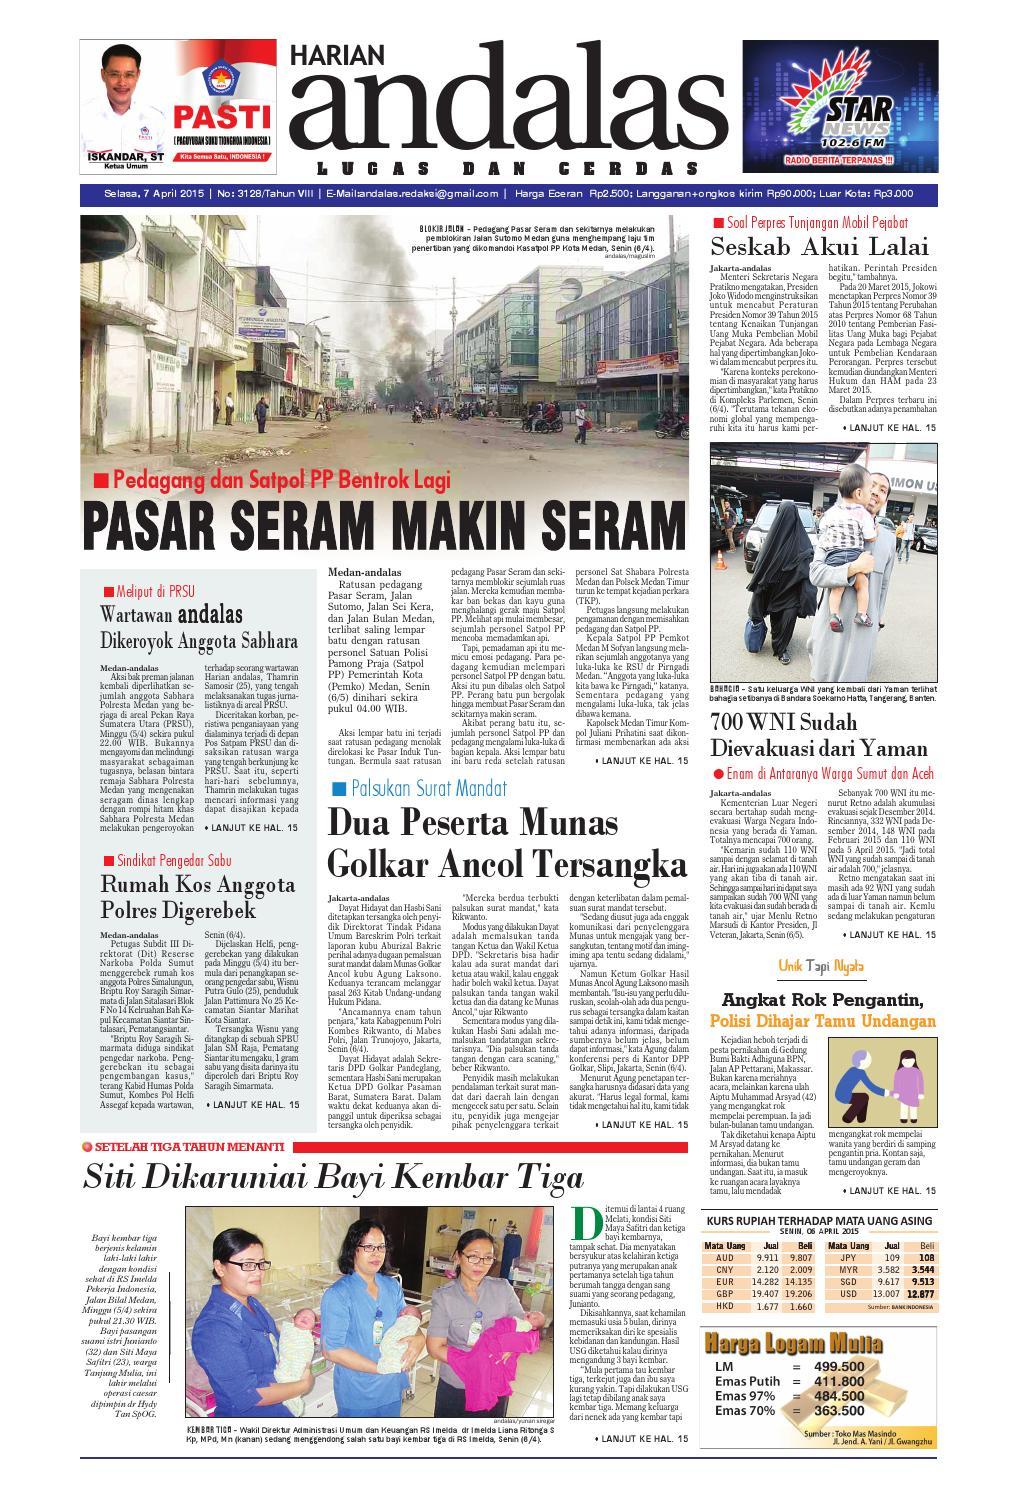 Epaper andalas edisi selasa 7 april 2015 by media andalas - issuu 7f9b49ade3